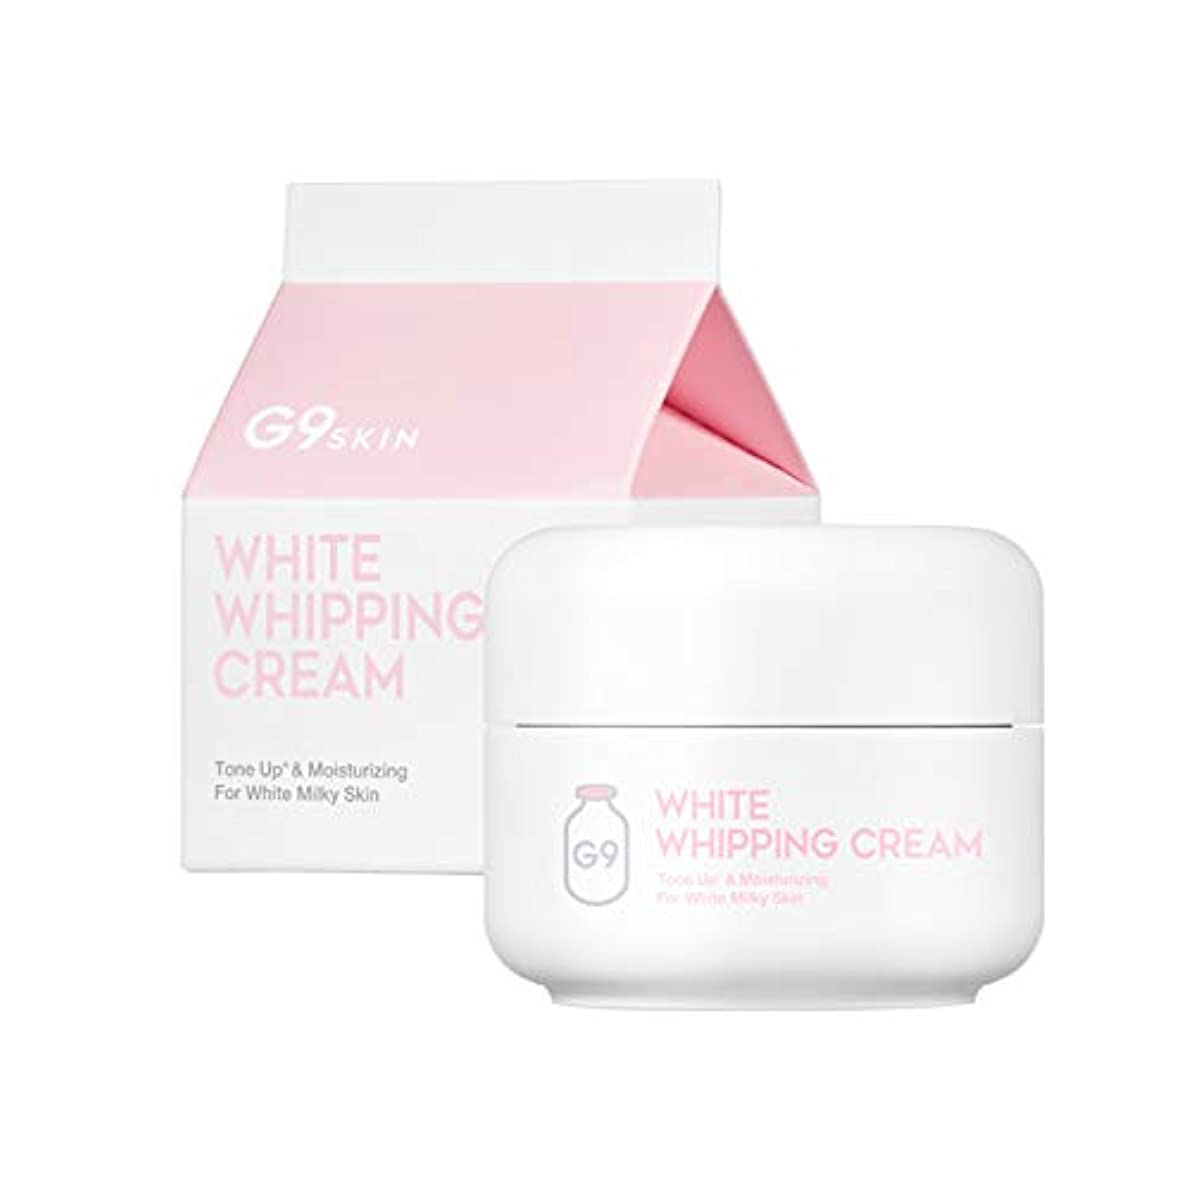 支配するファンネルウェブスパイダーポータブルG9SKIN(ベリサム) ホワイト イン 生クリーム WHITE IN WHIPPING CREAM 50g